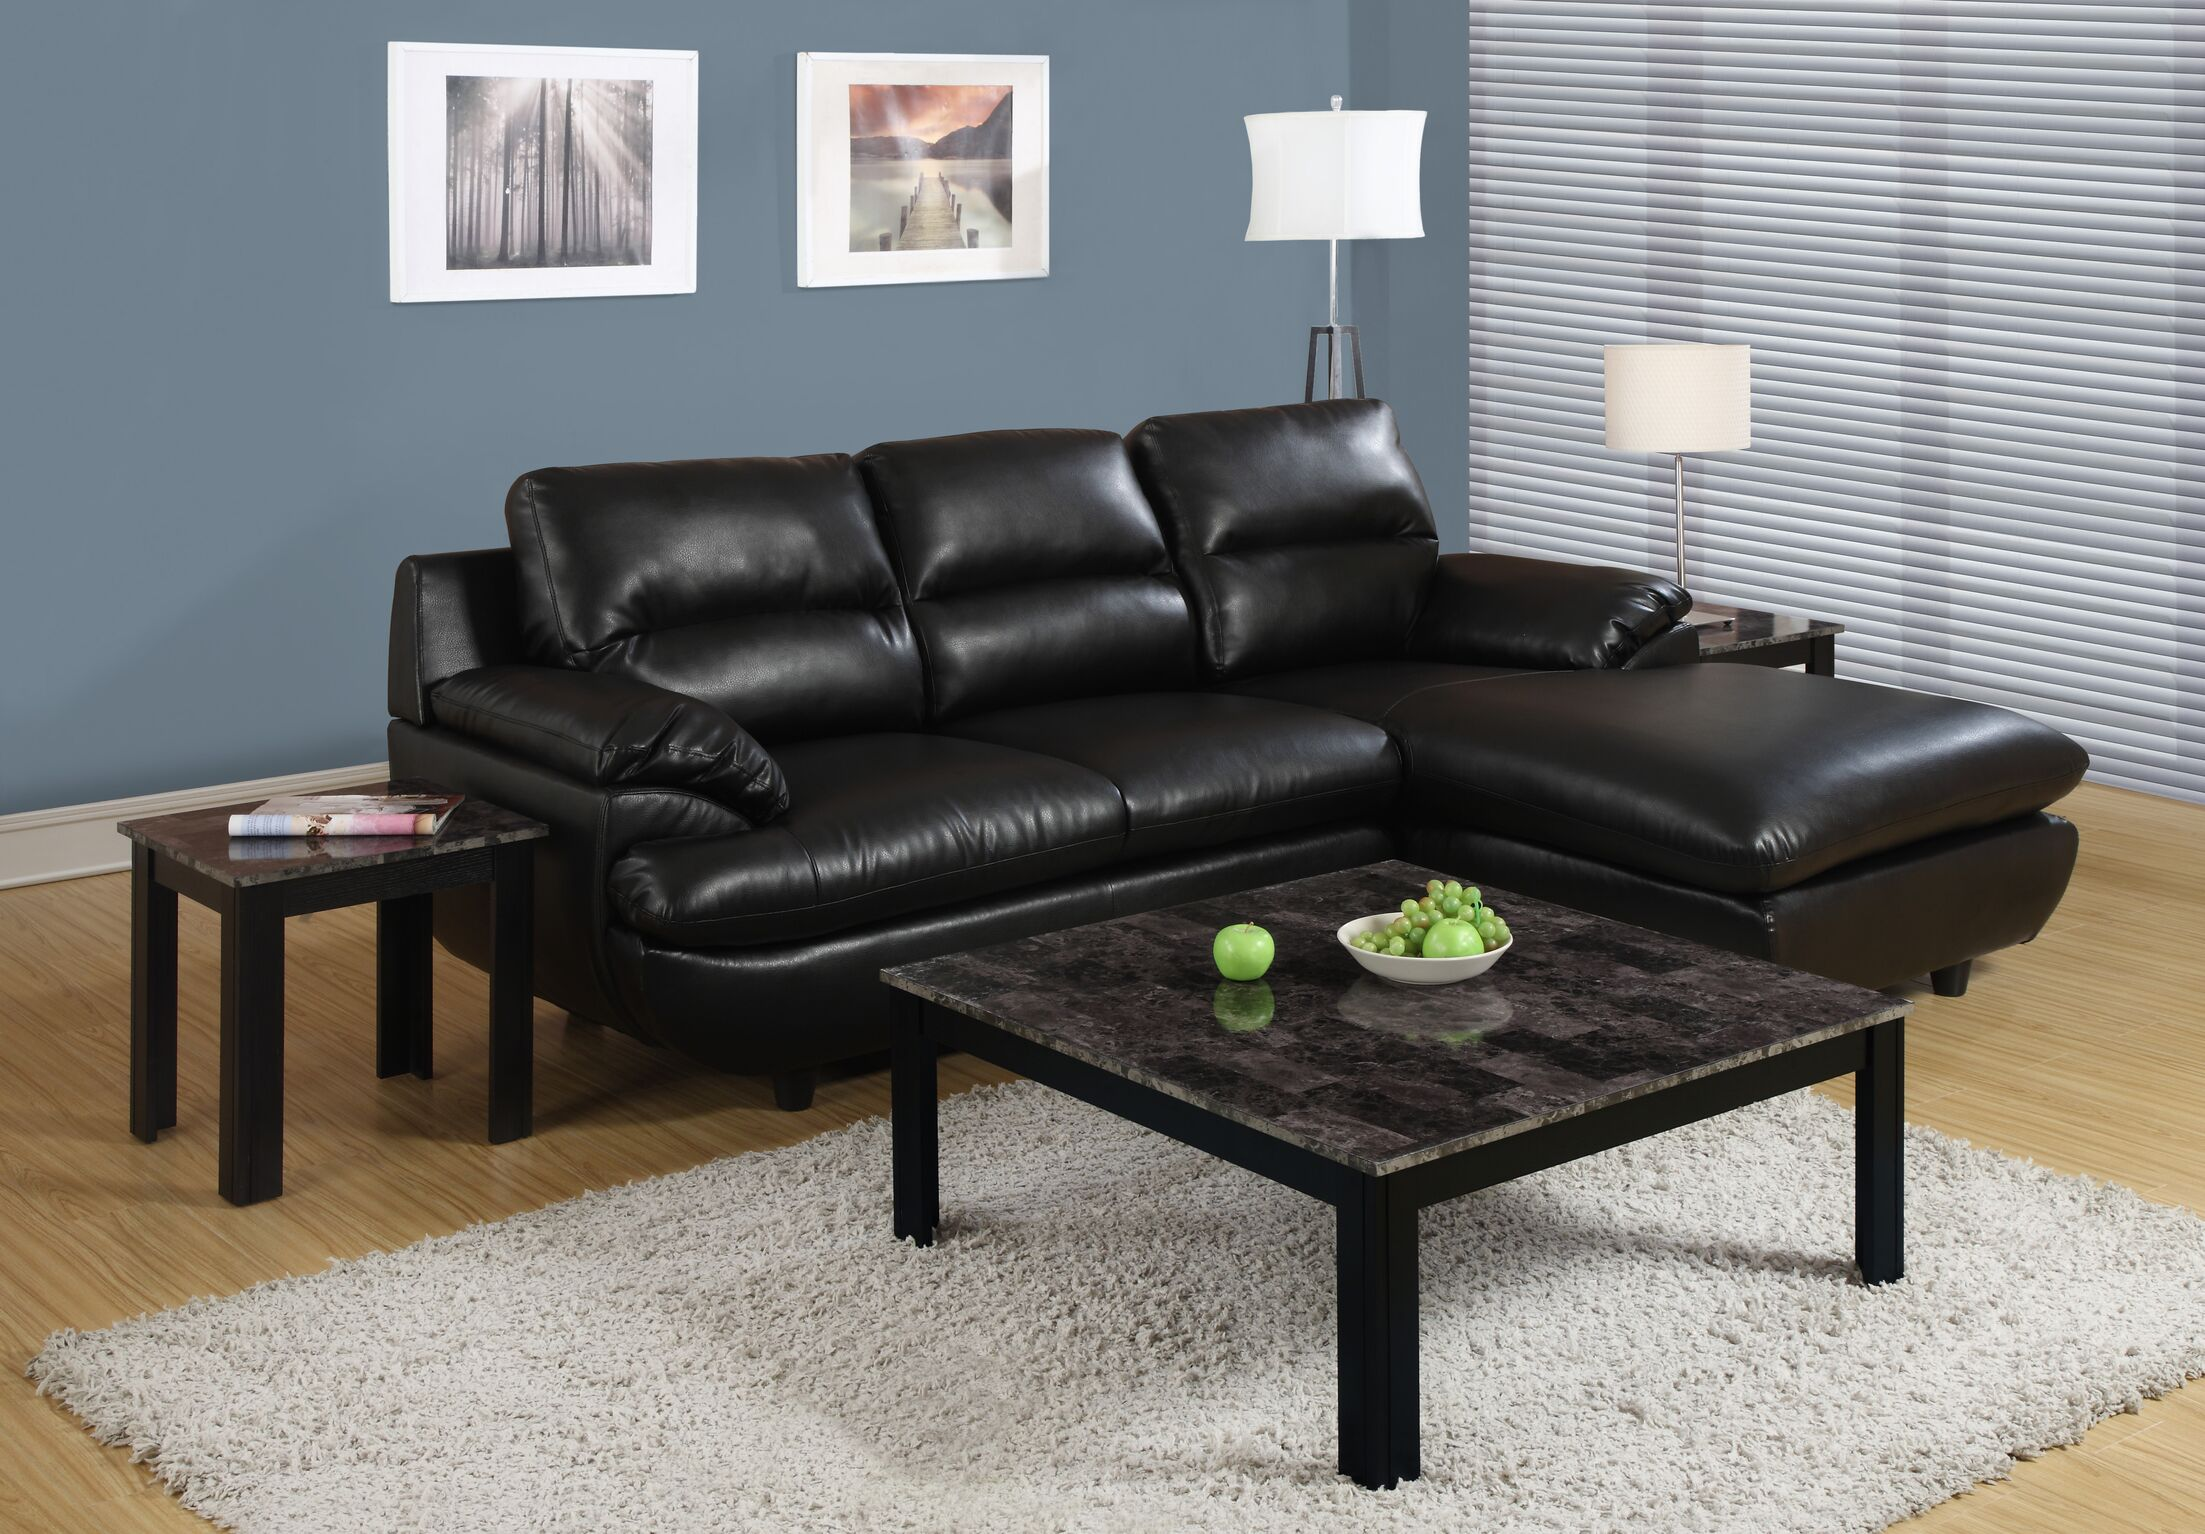 Willington 3 Piece Coffee Table Set Color: Black / Grey